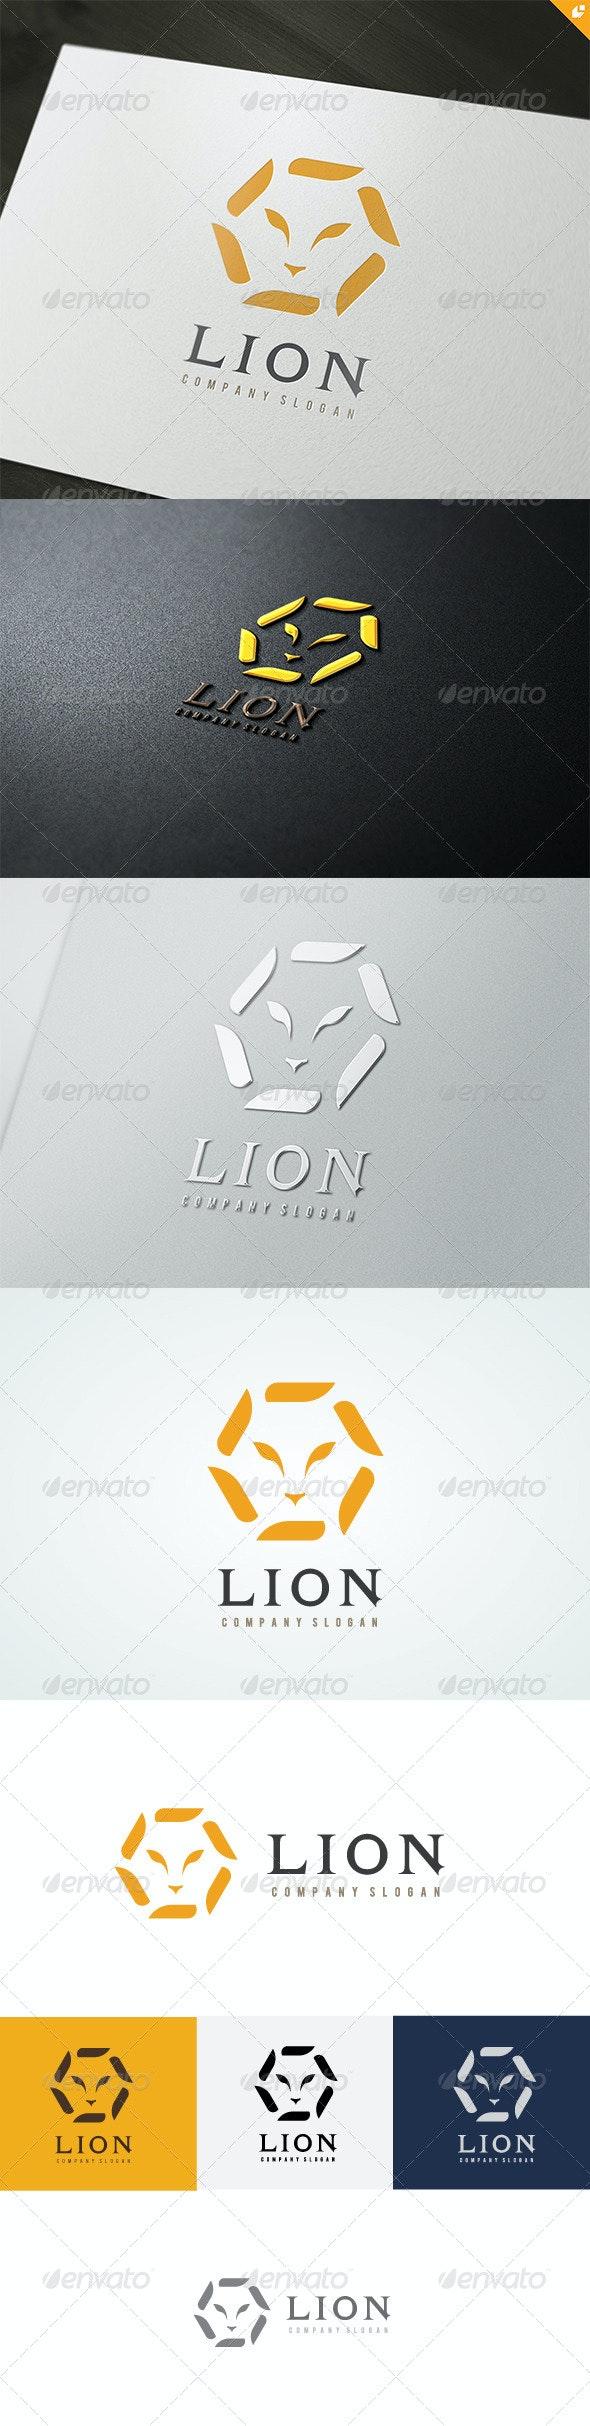 Lion Company Logo - Company Logo Templates